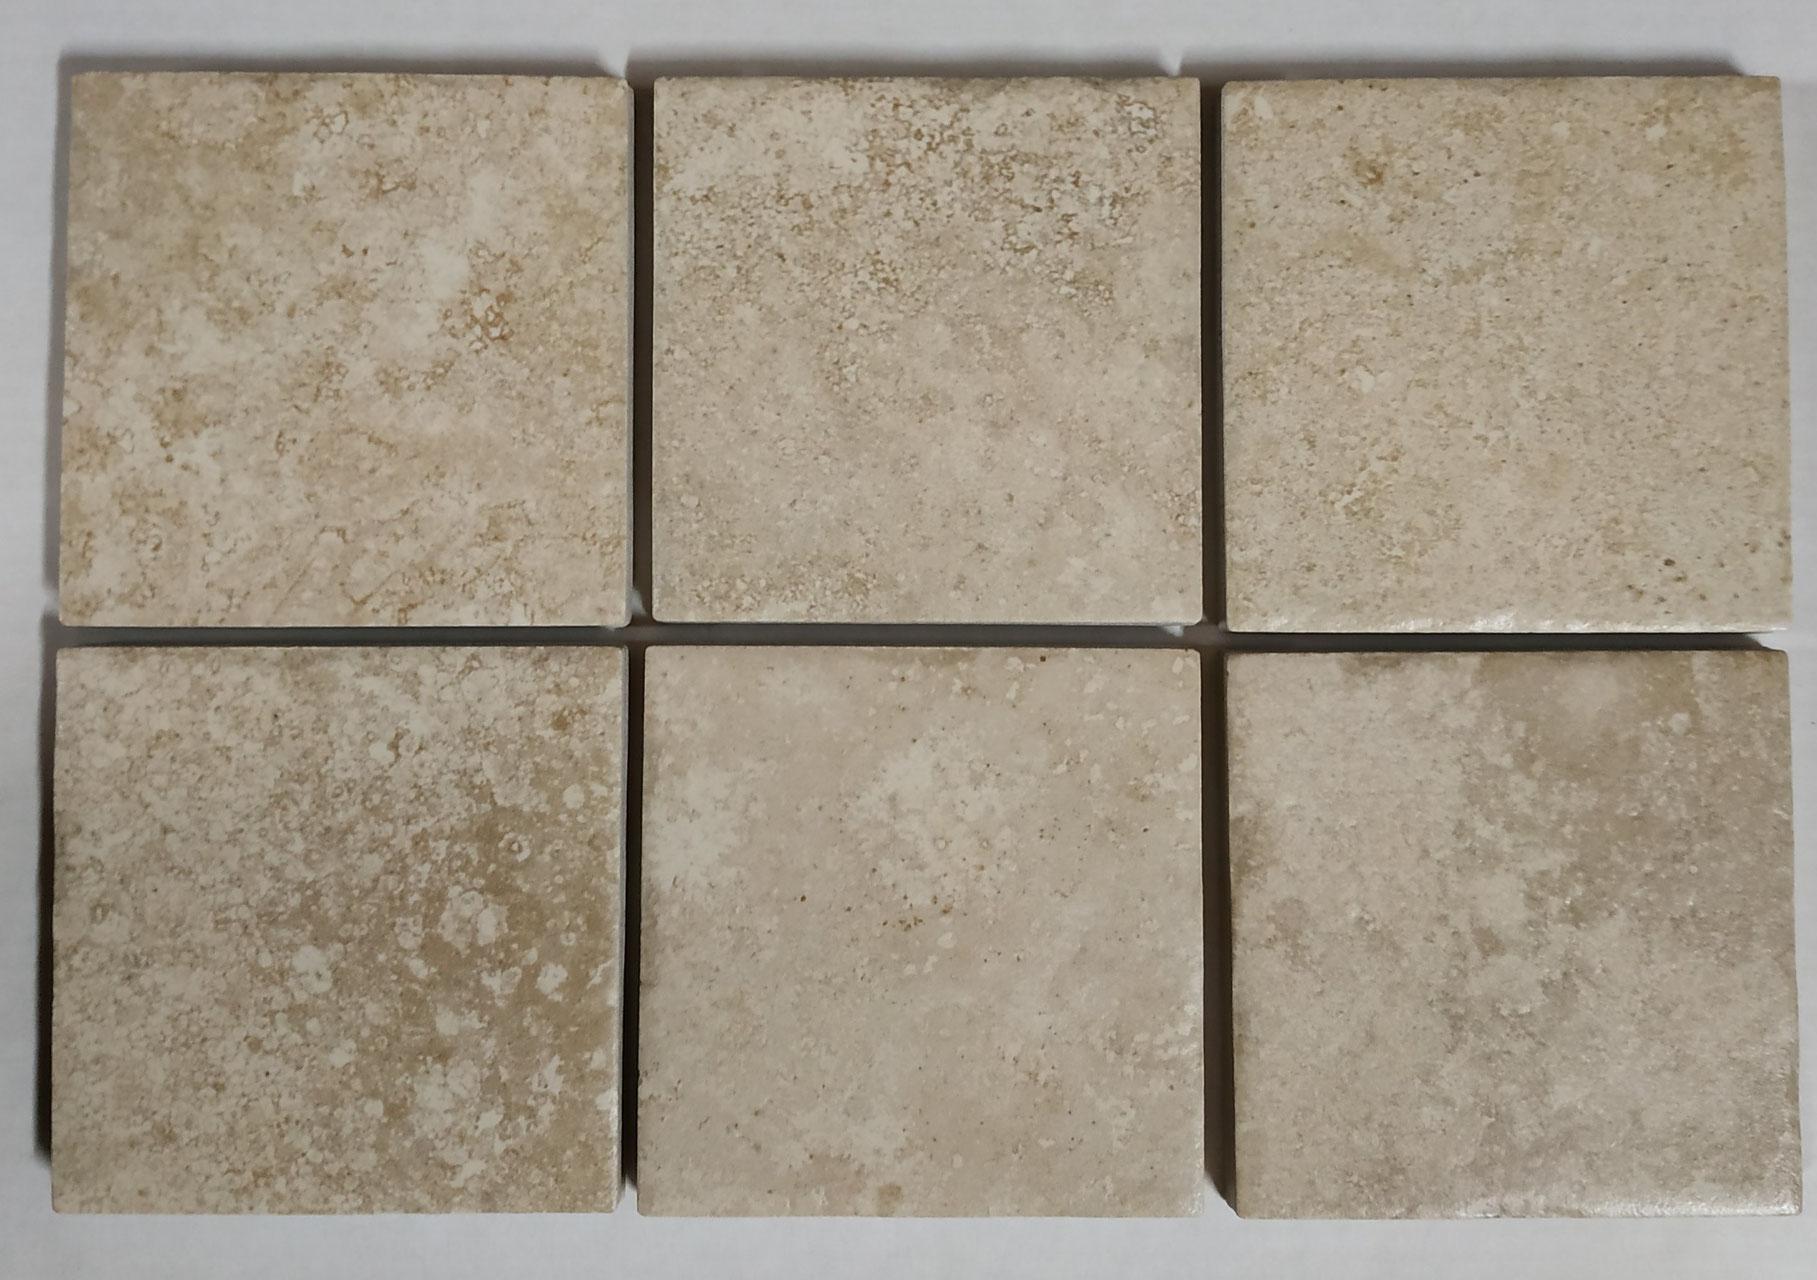 Piastrelle 10x10 Formelle,Inserti